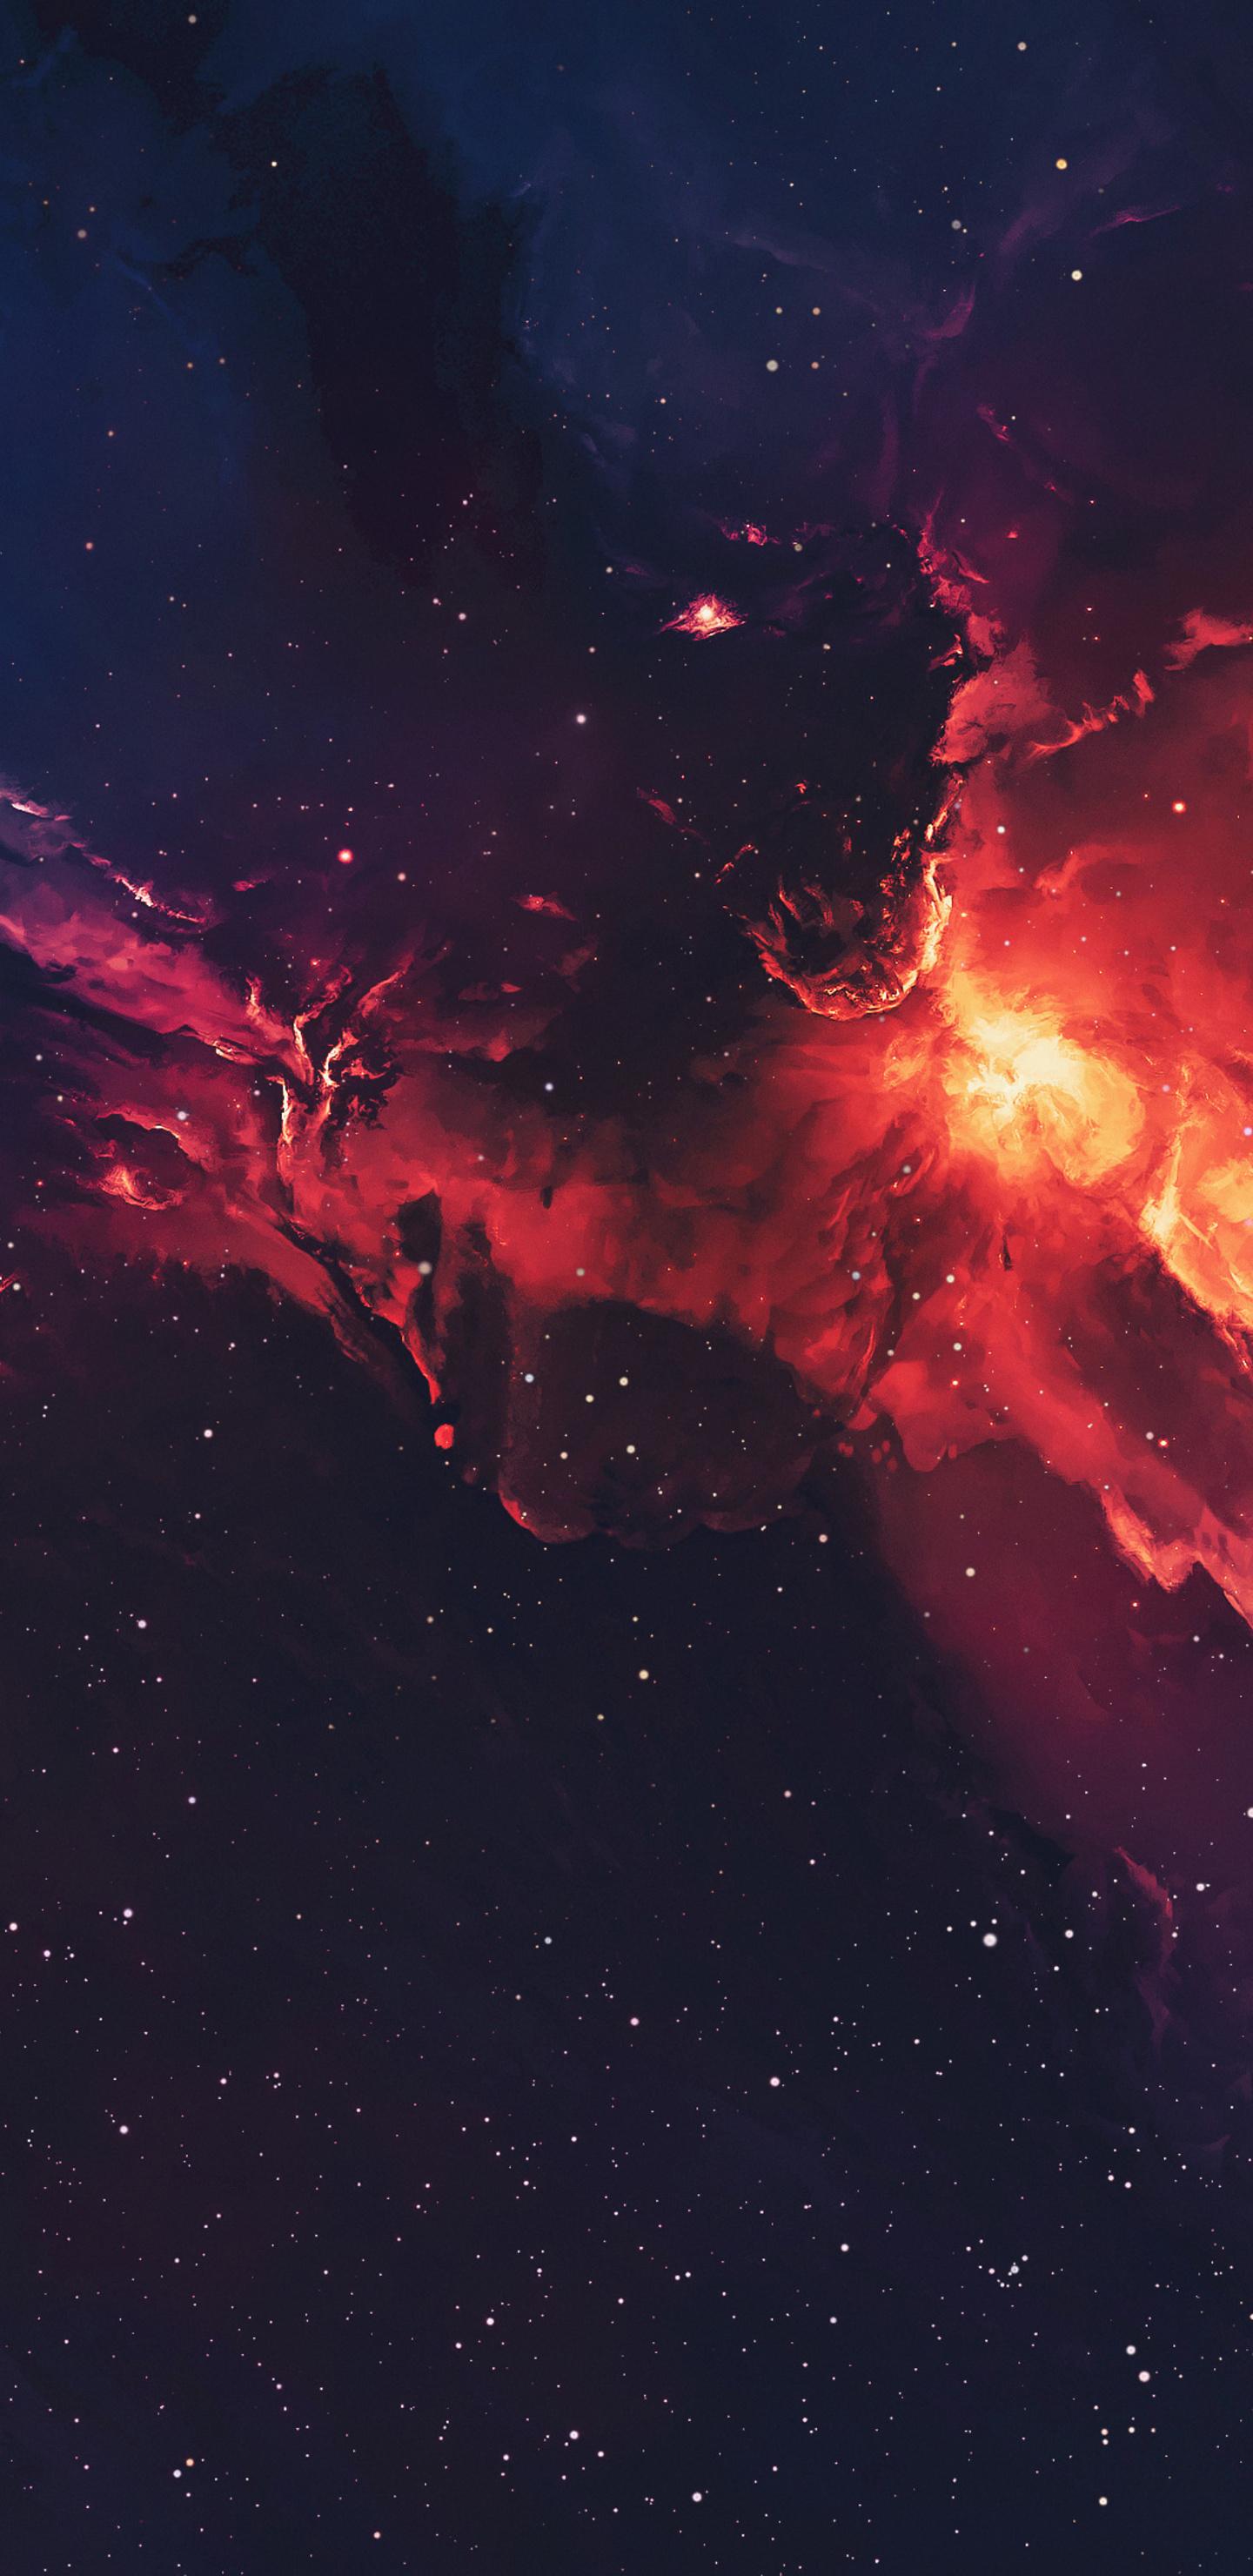 1440x2960 Galaxy Space Stars Universe Nebula 4k Samsung Galaxy Note